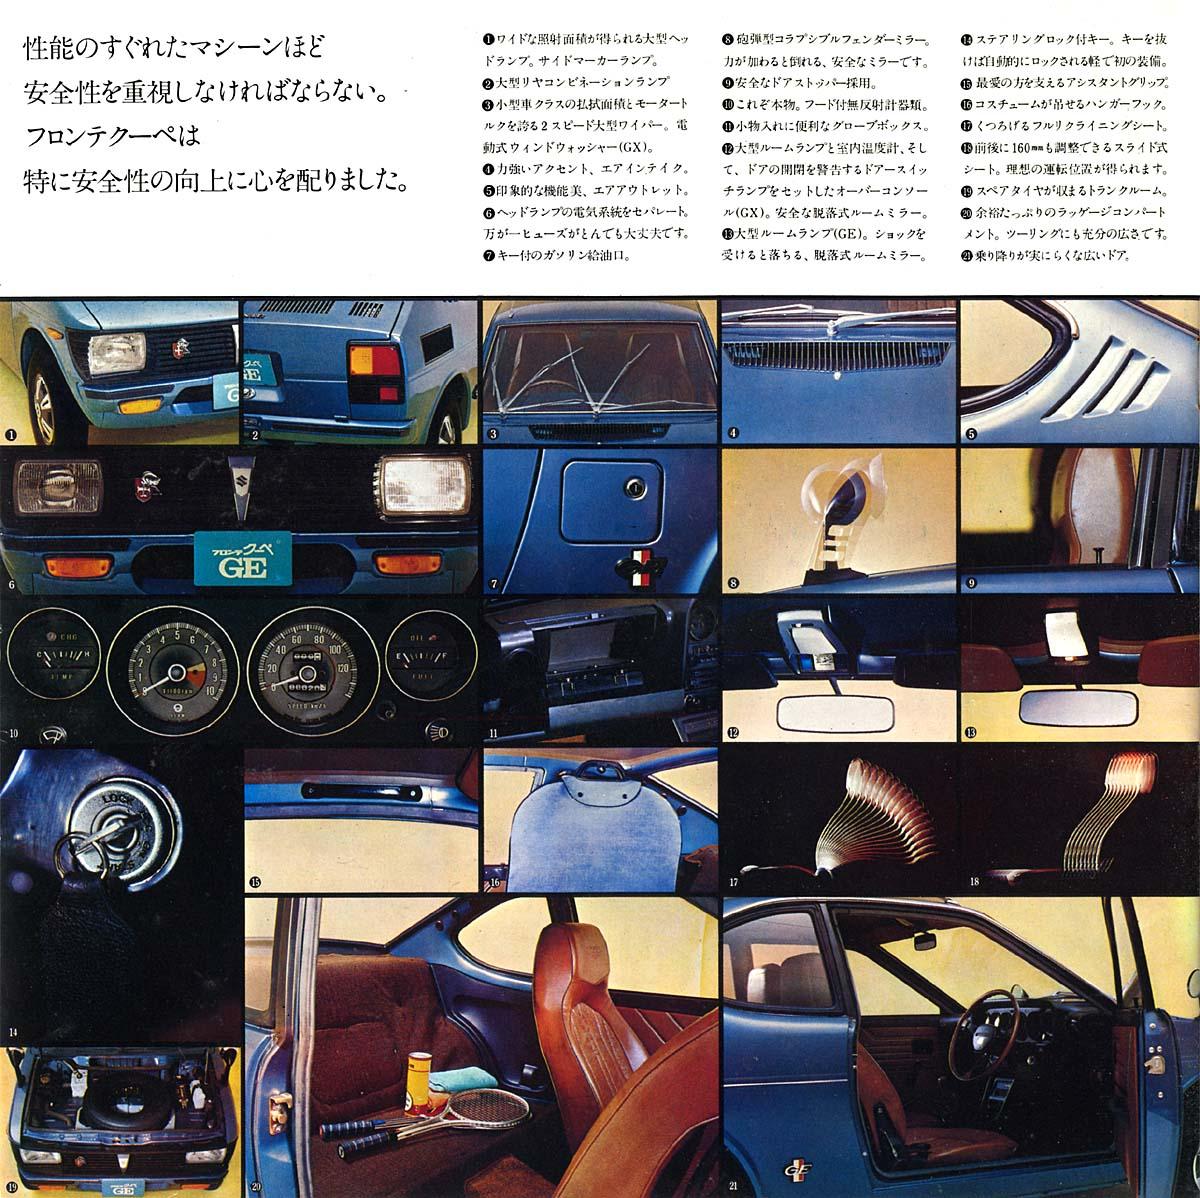 broszury z samochodami, japońska motoryzacja, suzuki fronte coupe, małe usportowione samochody, klasa kei car, opis, informacje